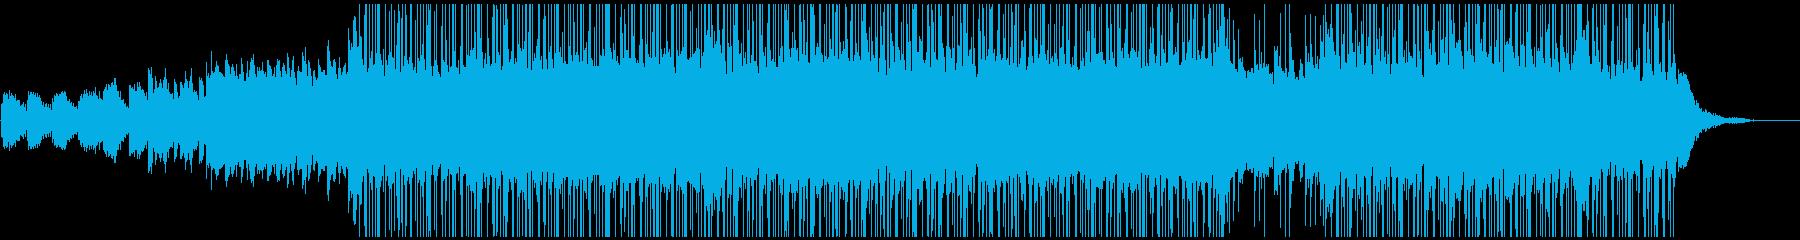 ポップ。 R&B。フュージョンチル。の再生済みの波形